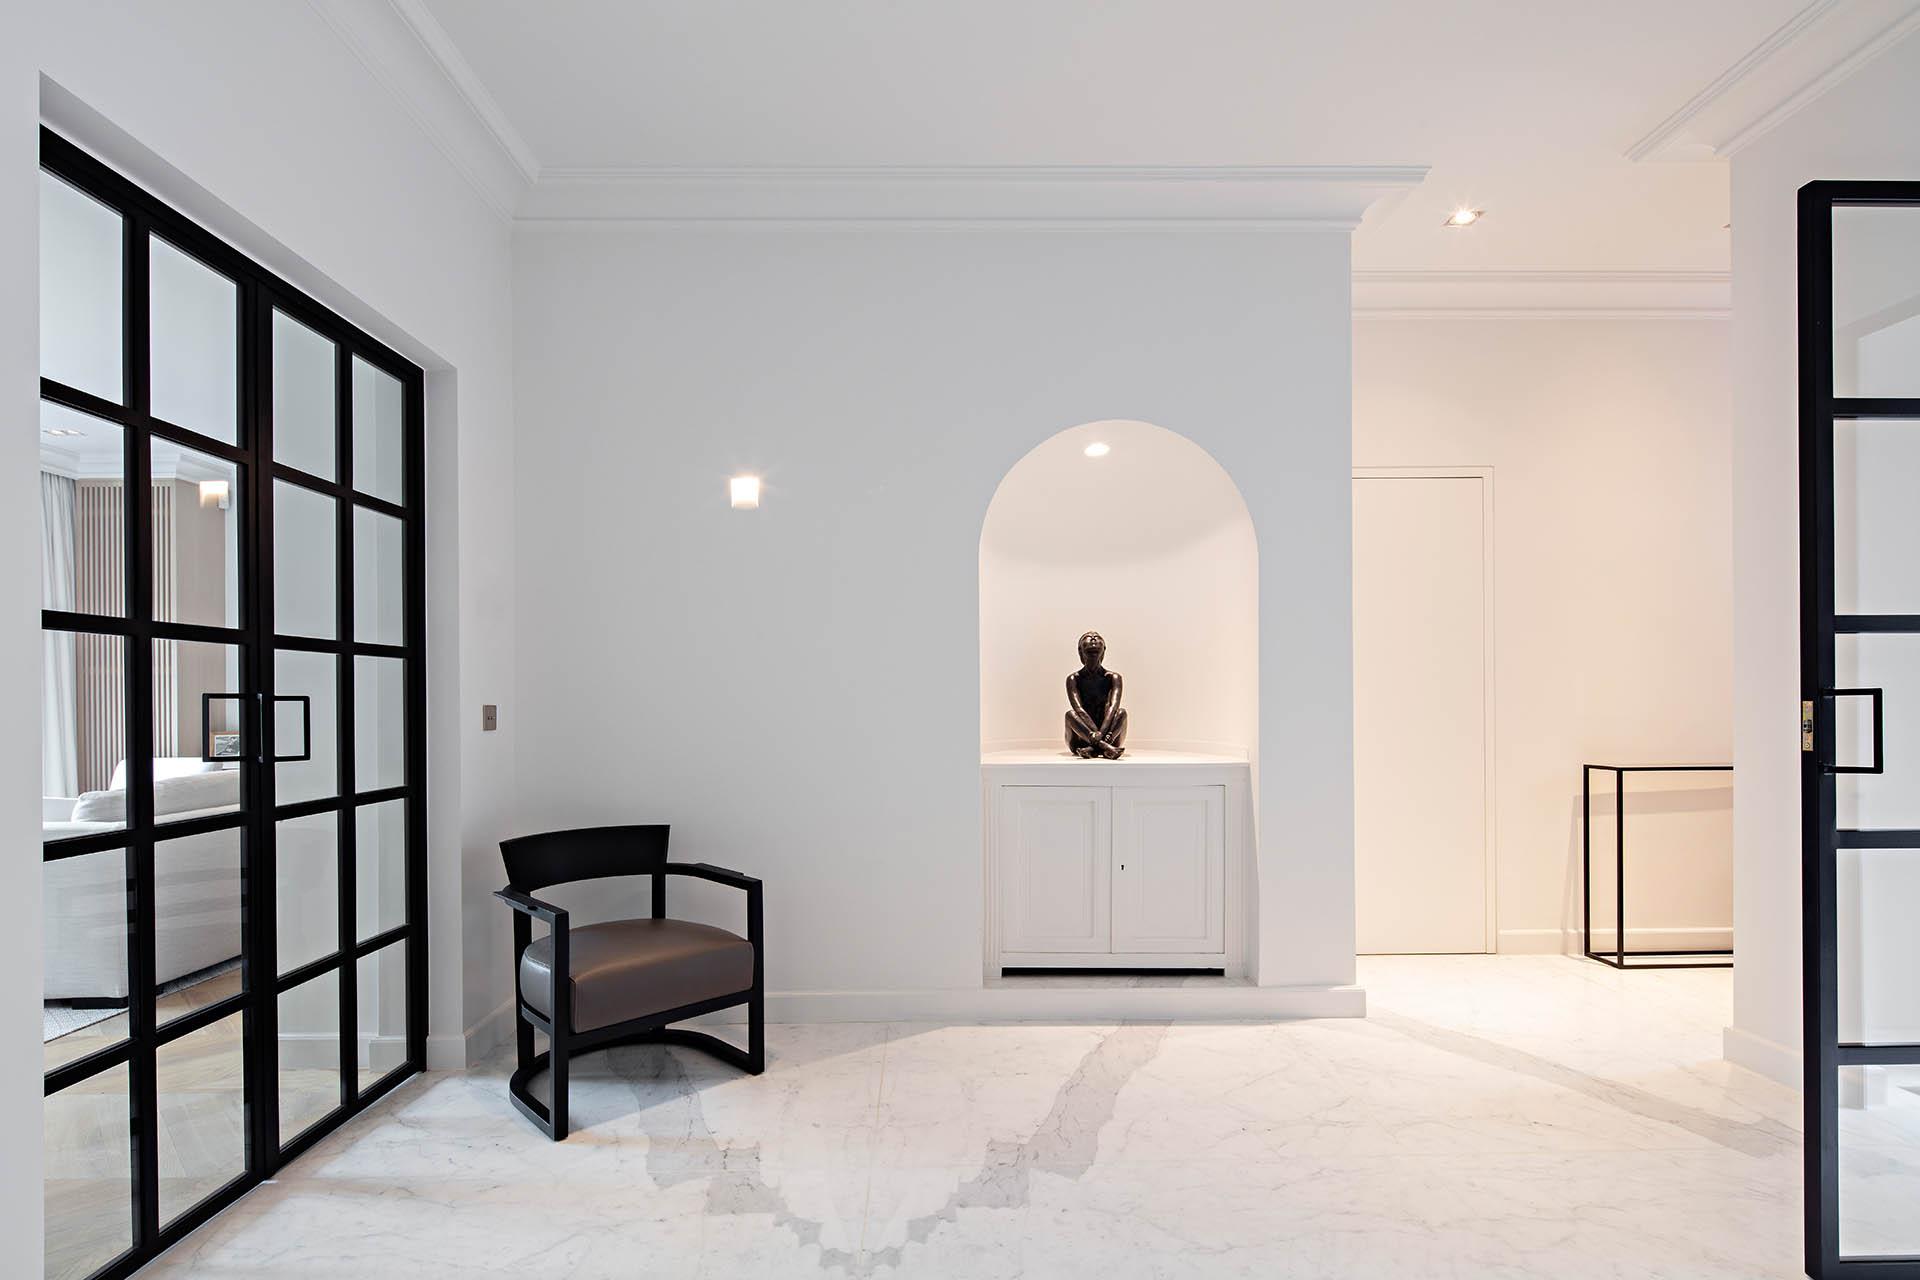 Zeitgenössische Innenarchitektur mit weißem Marmorbodenbelag - Flurgestaltung